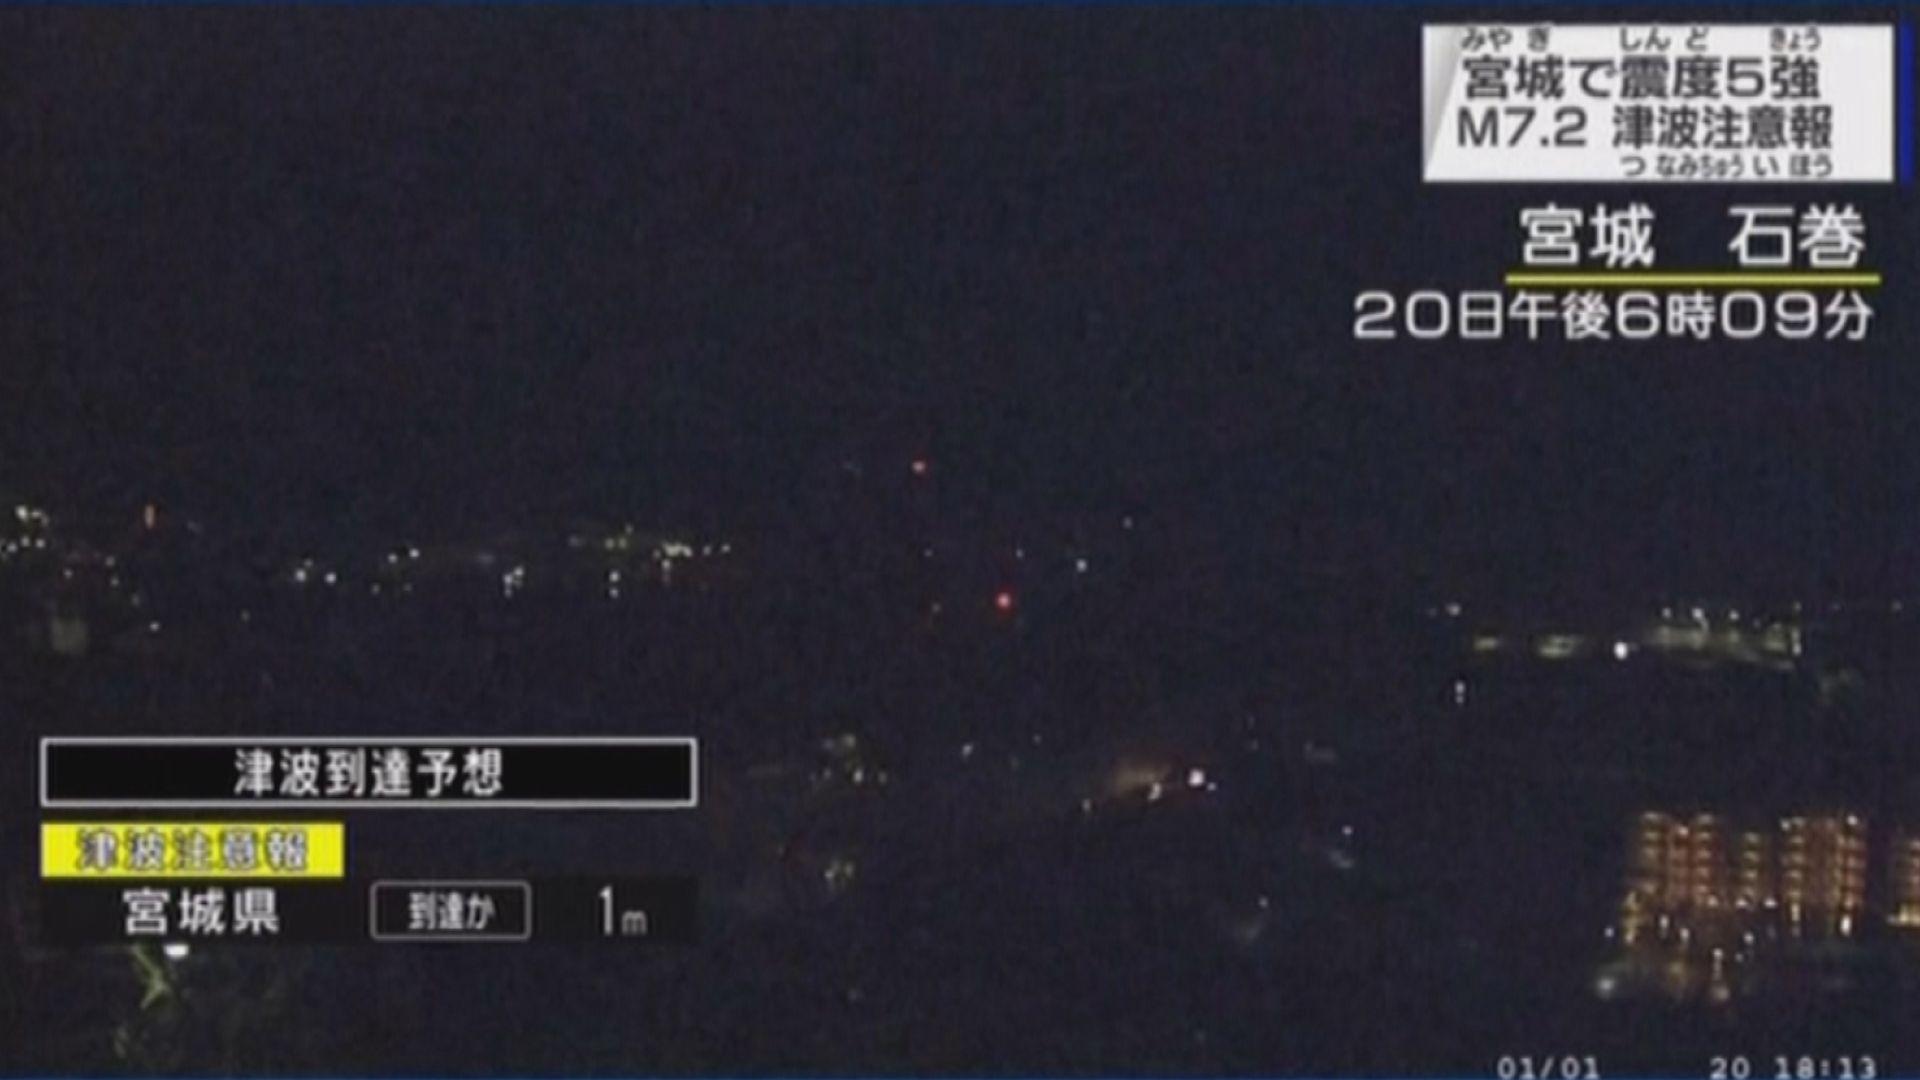 日本宮城縣7.2級地震 當局發海嘯警報